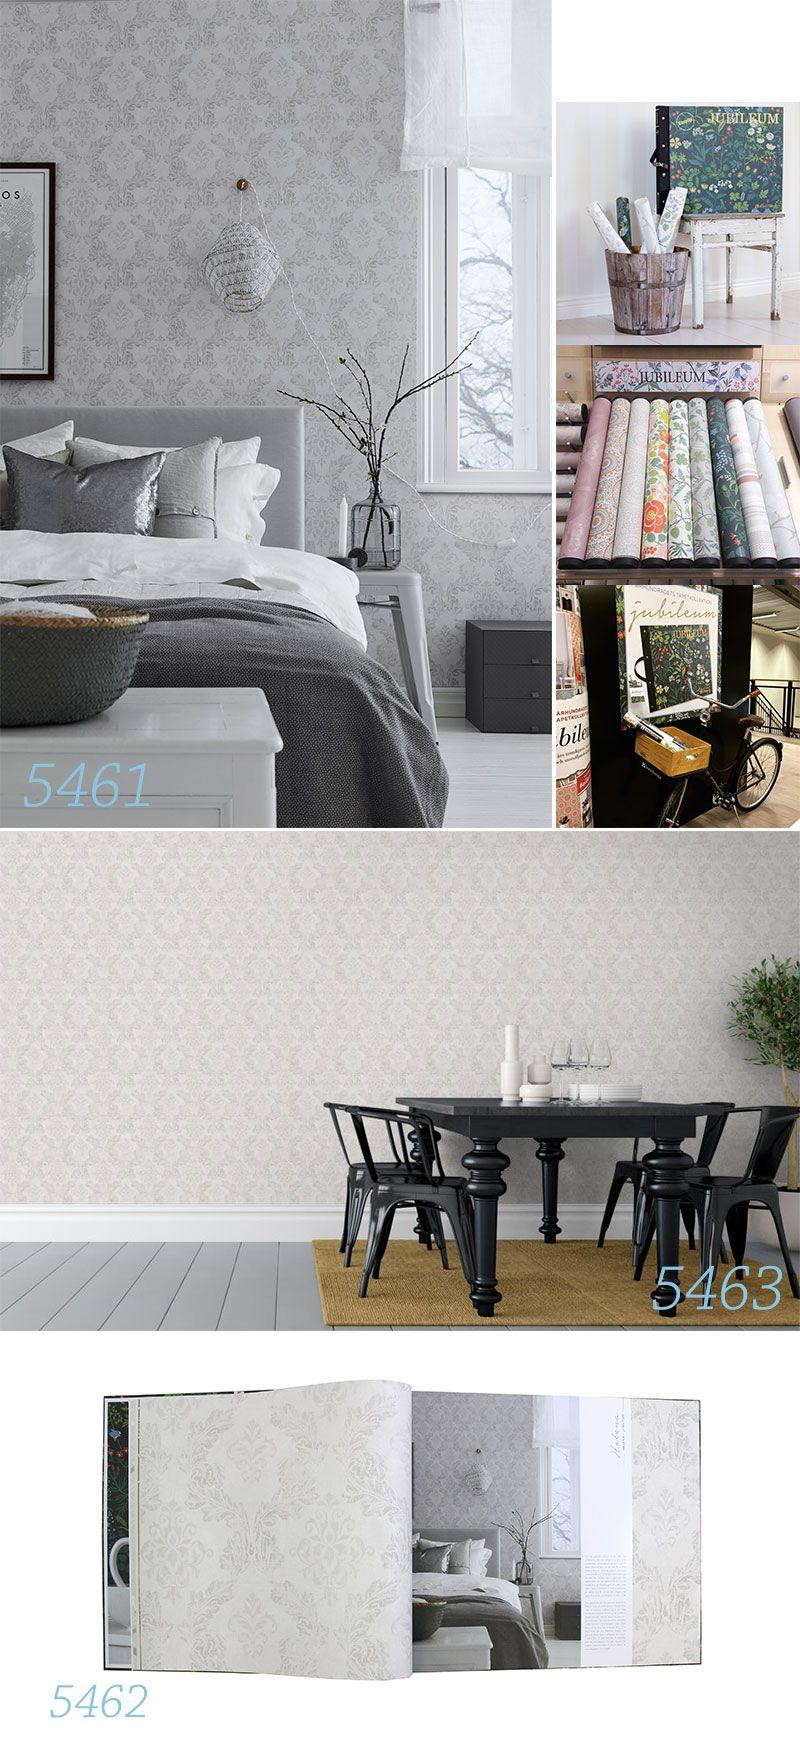 輸入壁紙 スウェーデン製 輸入壁紙 Boras Tapeter 輸入壁紙 北欧